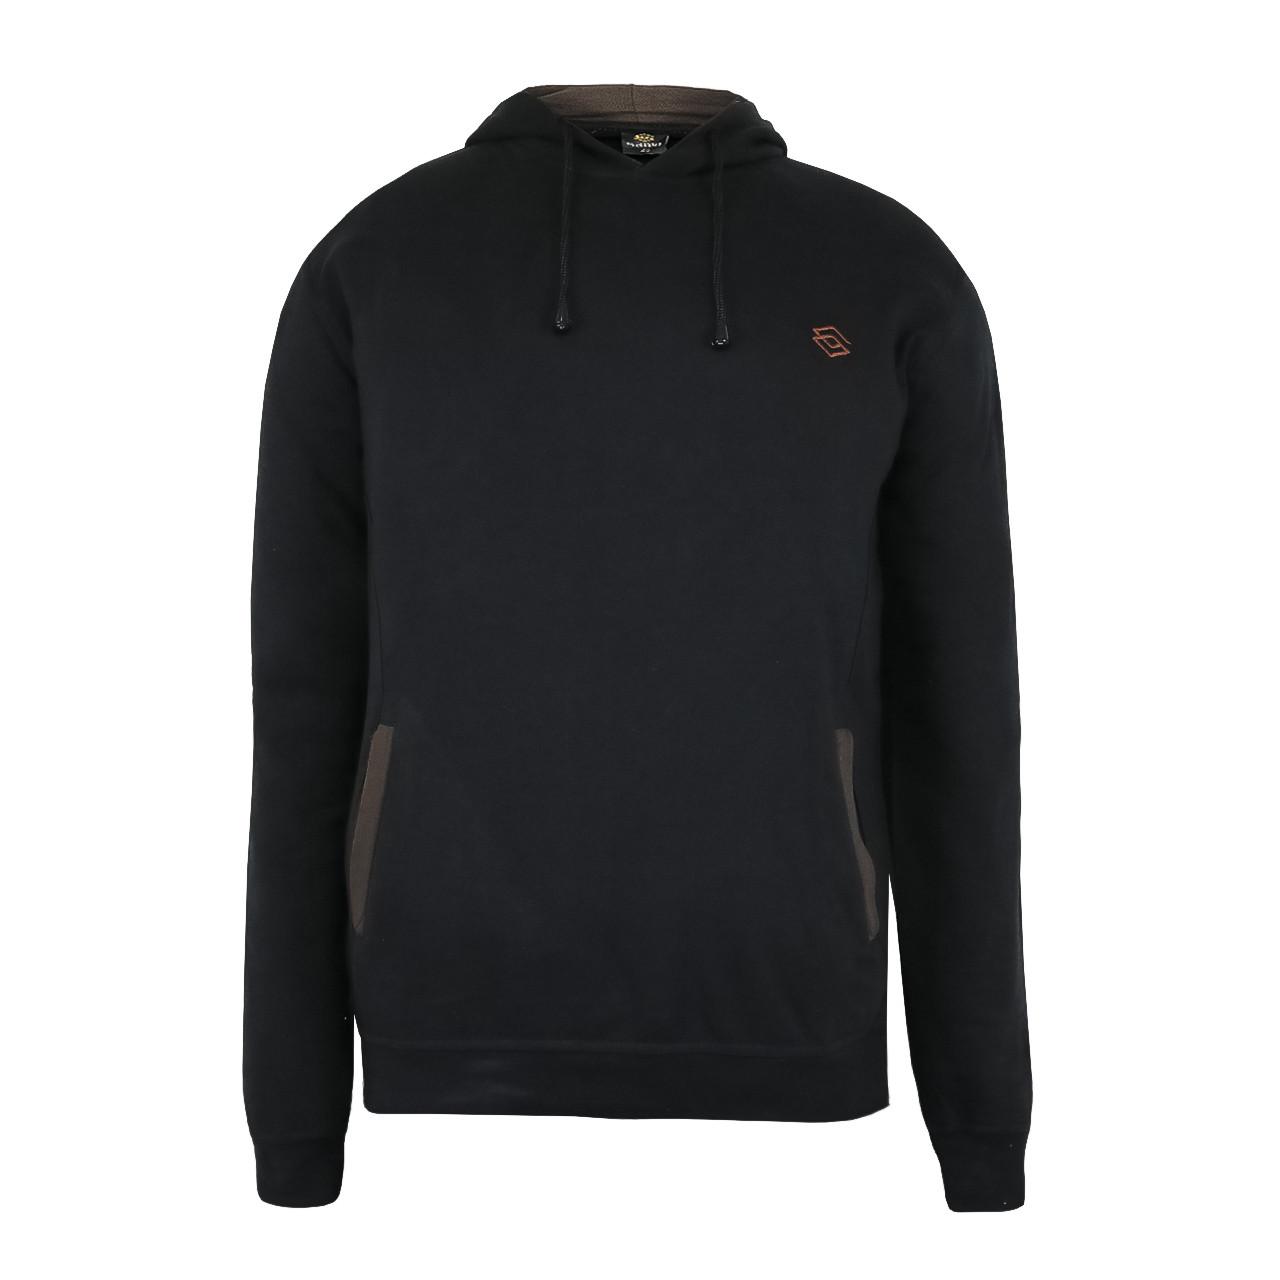 Кофта мужская спортивная c капюшоном черная с карманами р.46-54